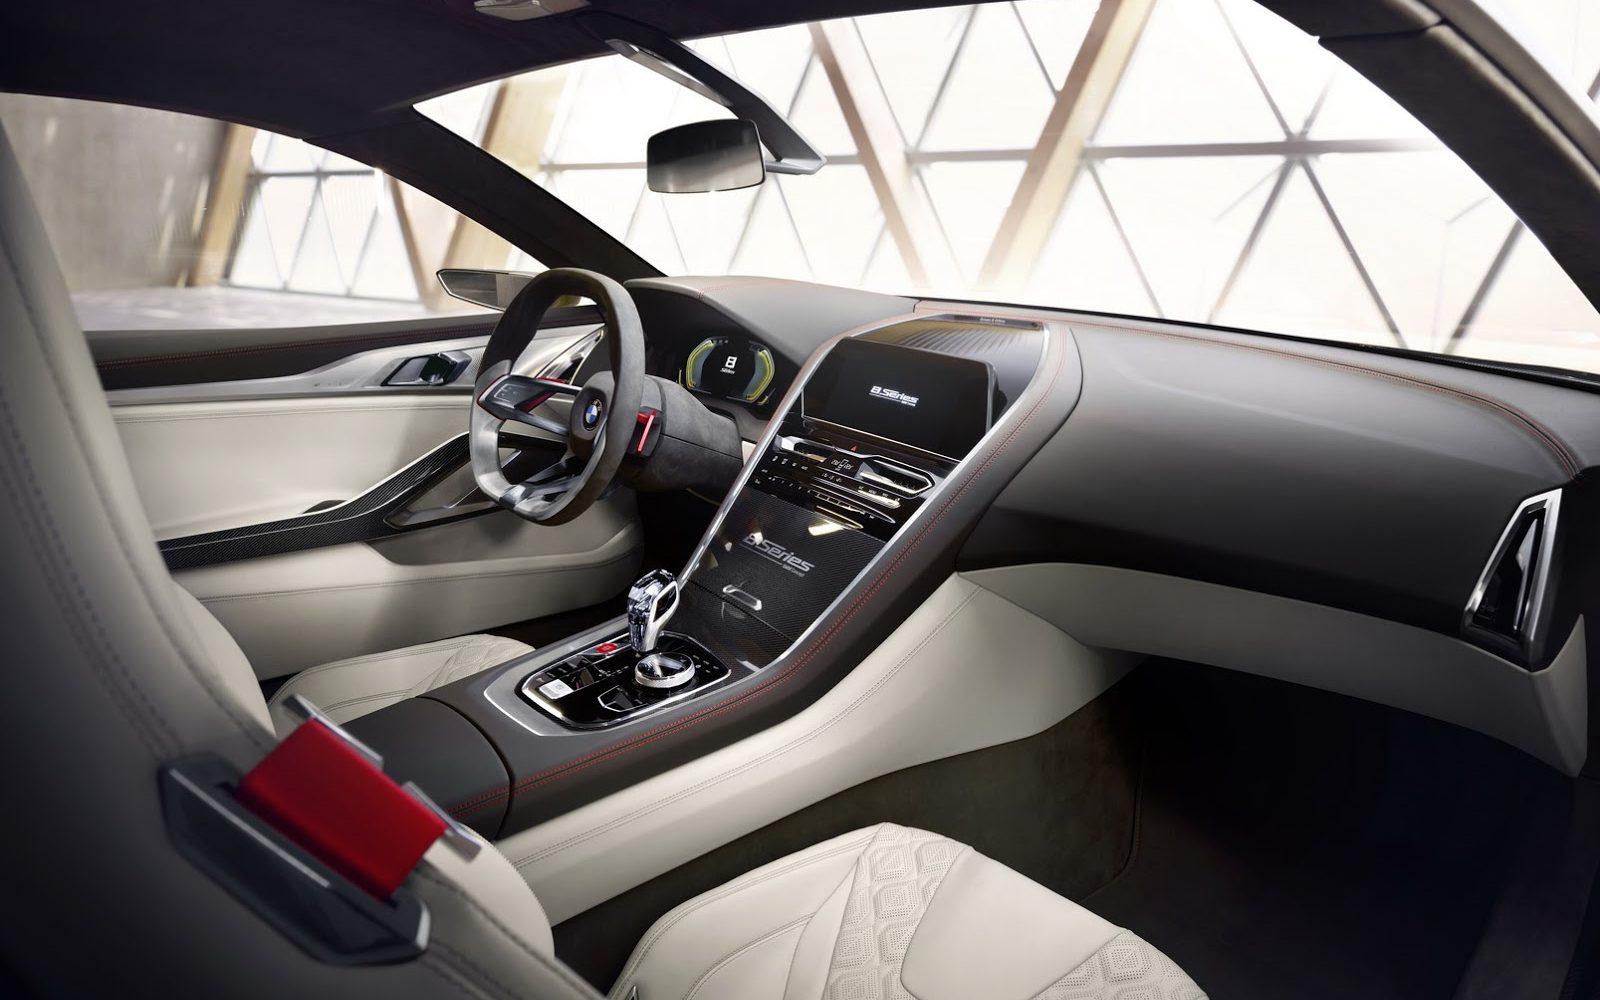 2017 BMW Concept Série 8